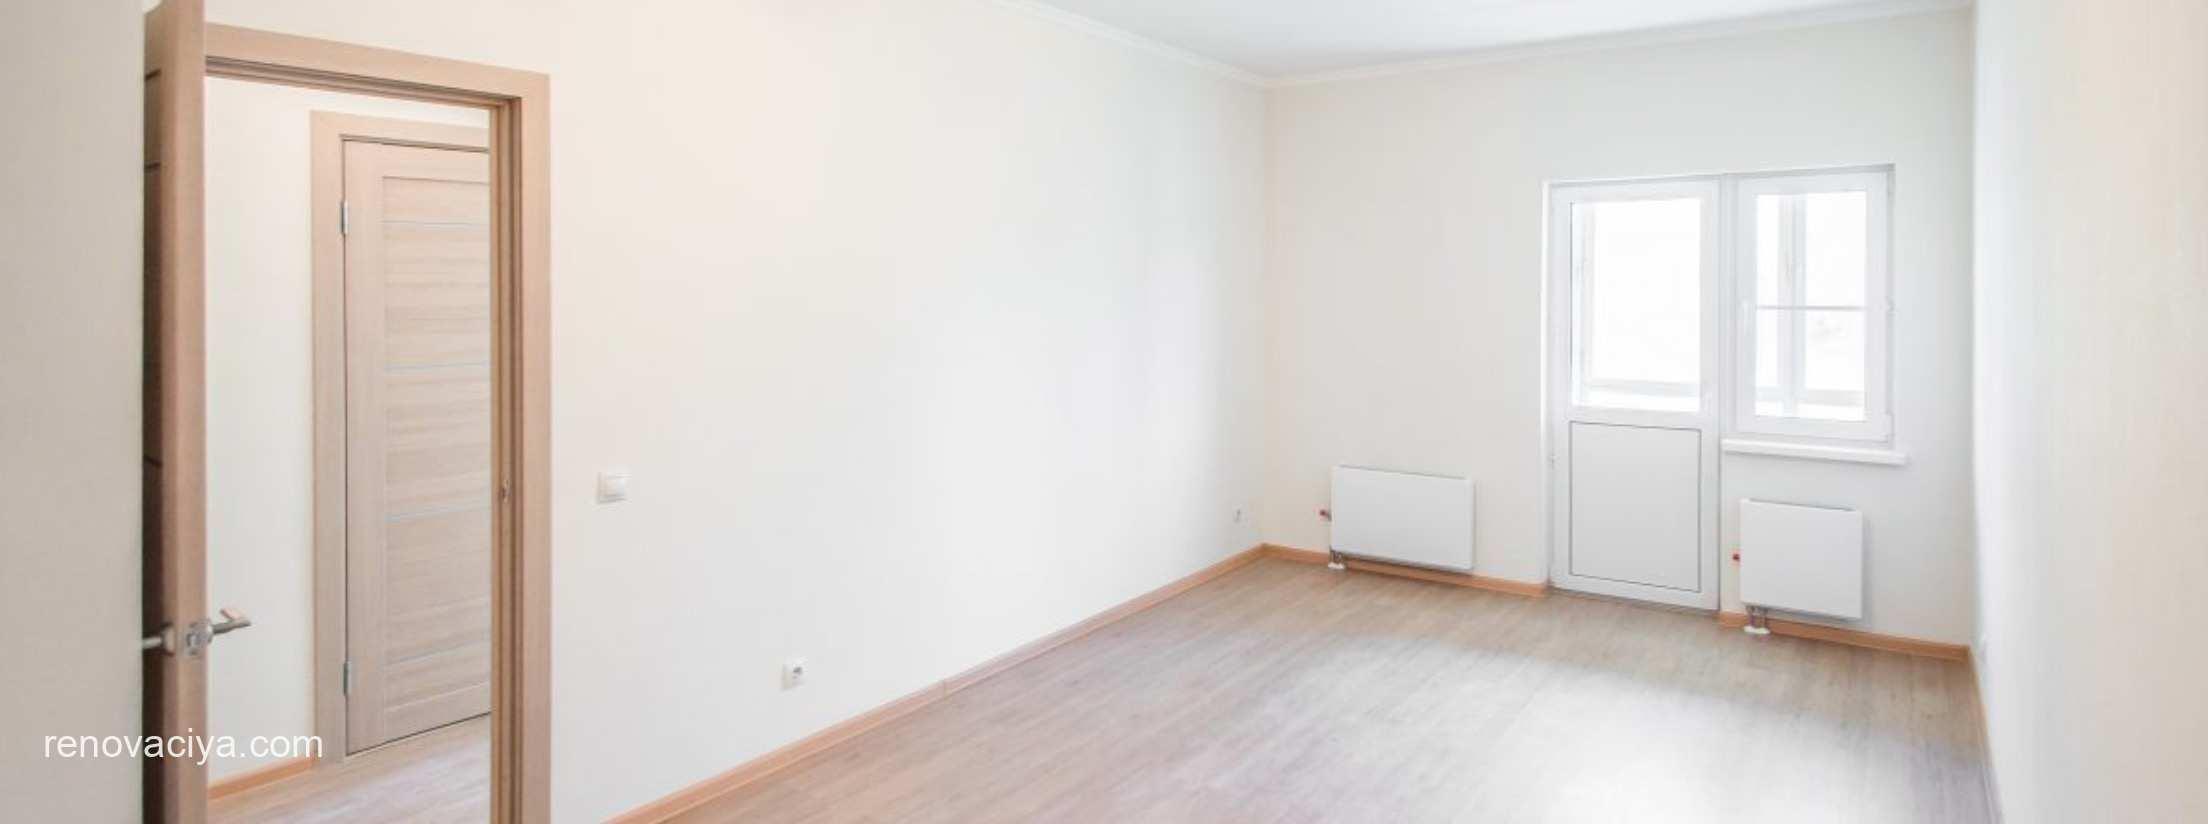 Выставлены квартиры на докупку